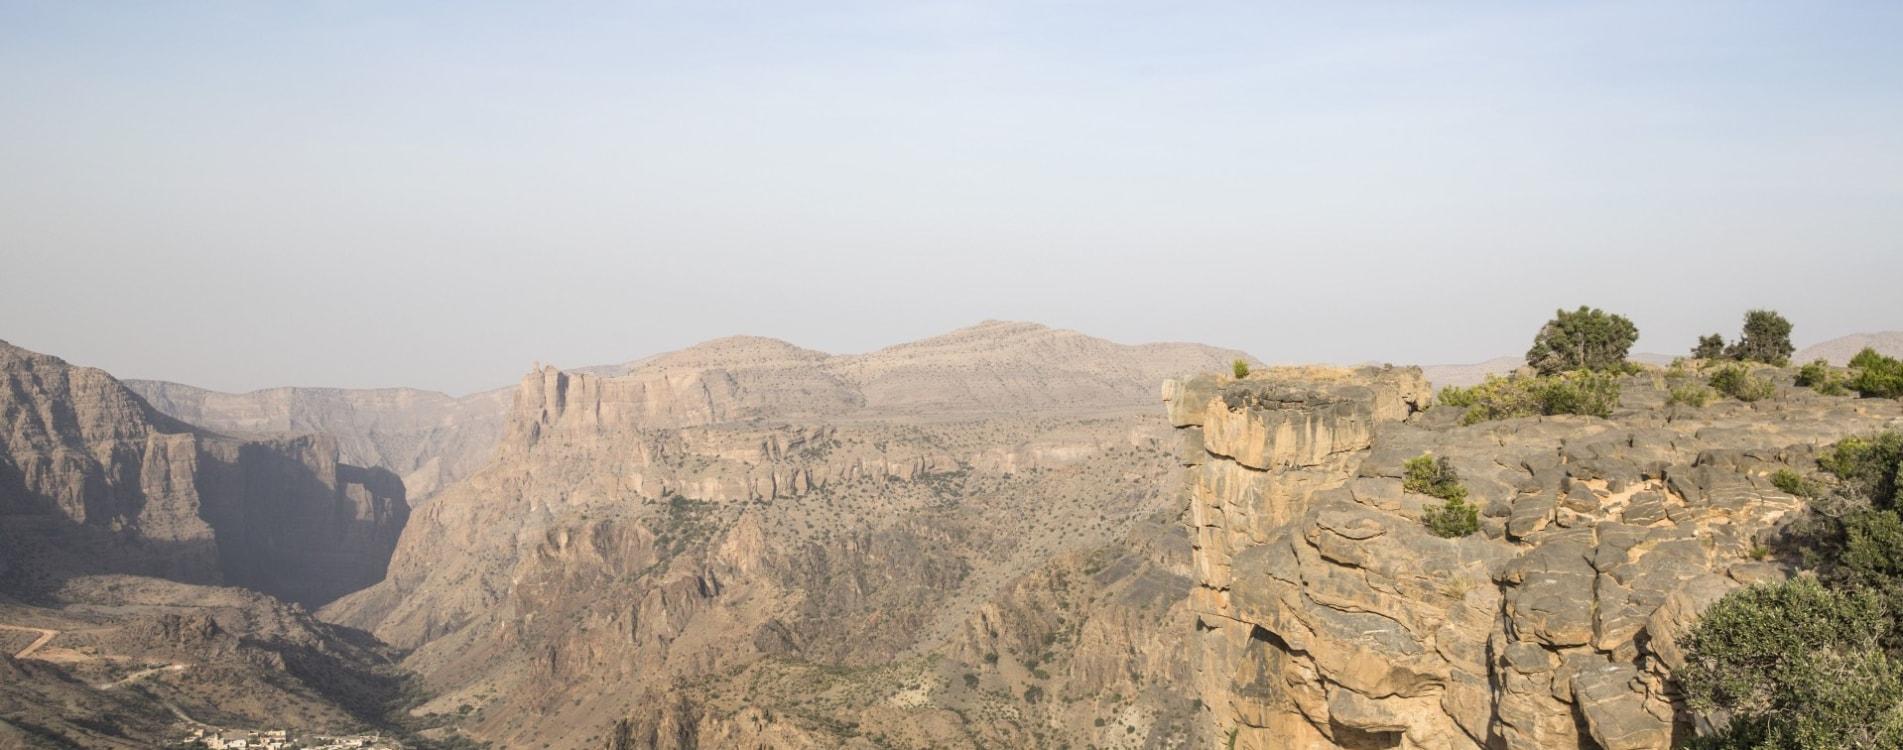 Anantara-Al-Jabal-Al-Akhdar-Resort-Klippe-Ausblick-Villa-Oman.jpg